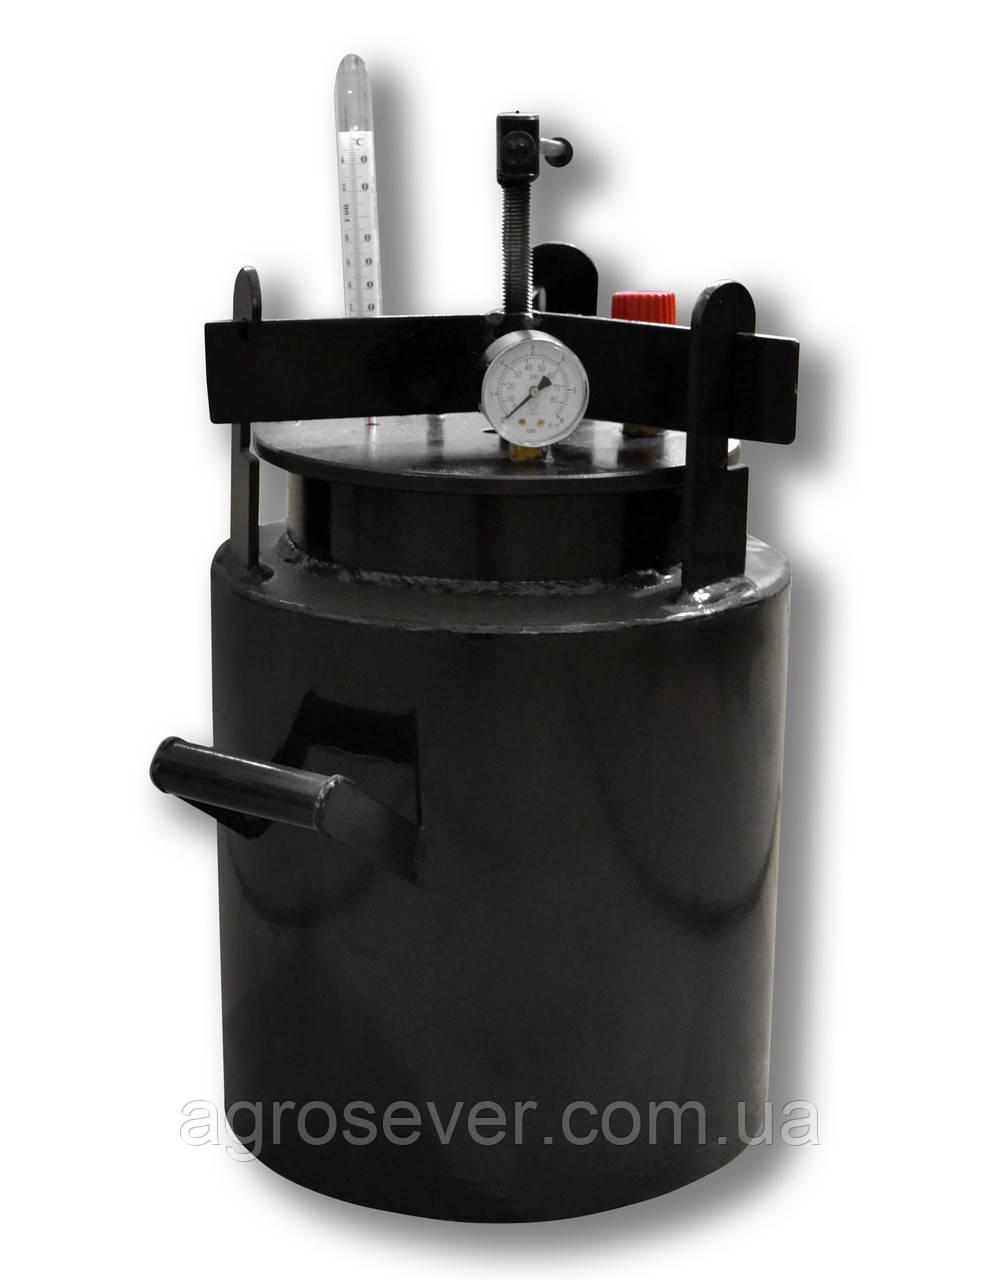 Автоклав ЧЕ-16.(5 литровых или 16 пол литровых банок)